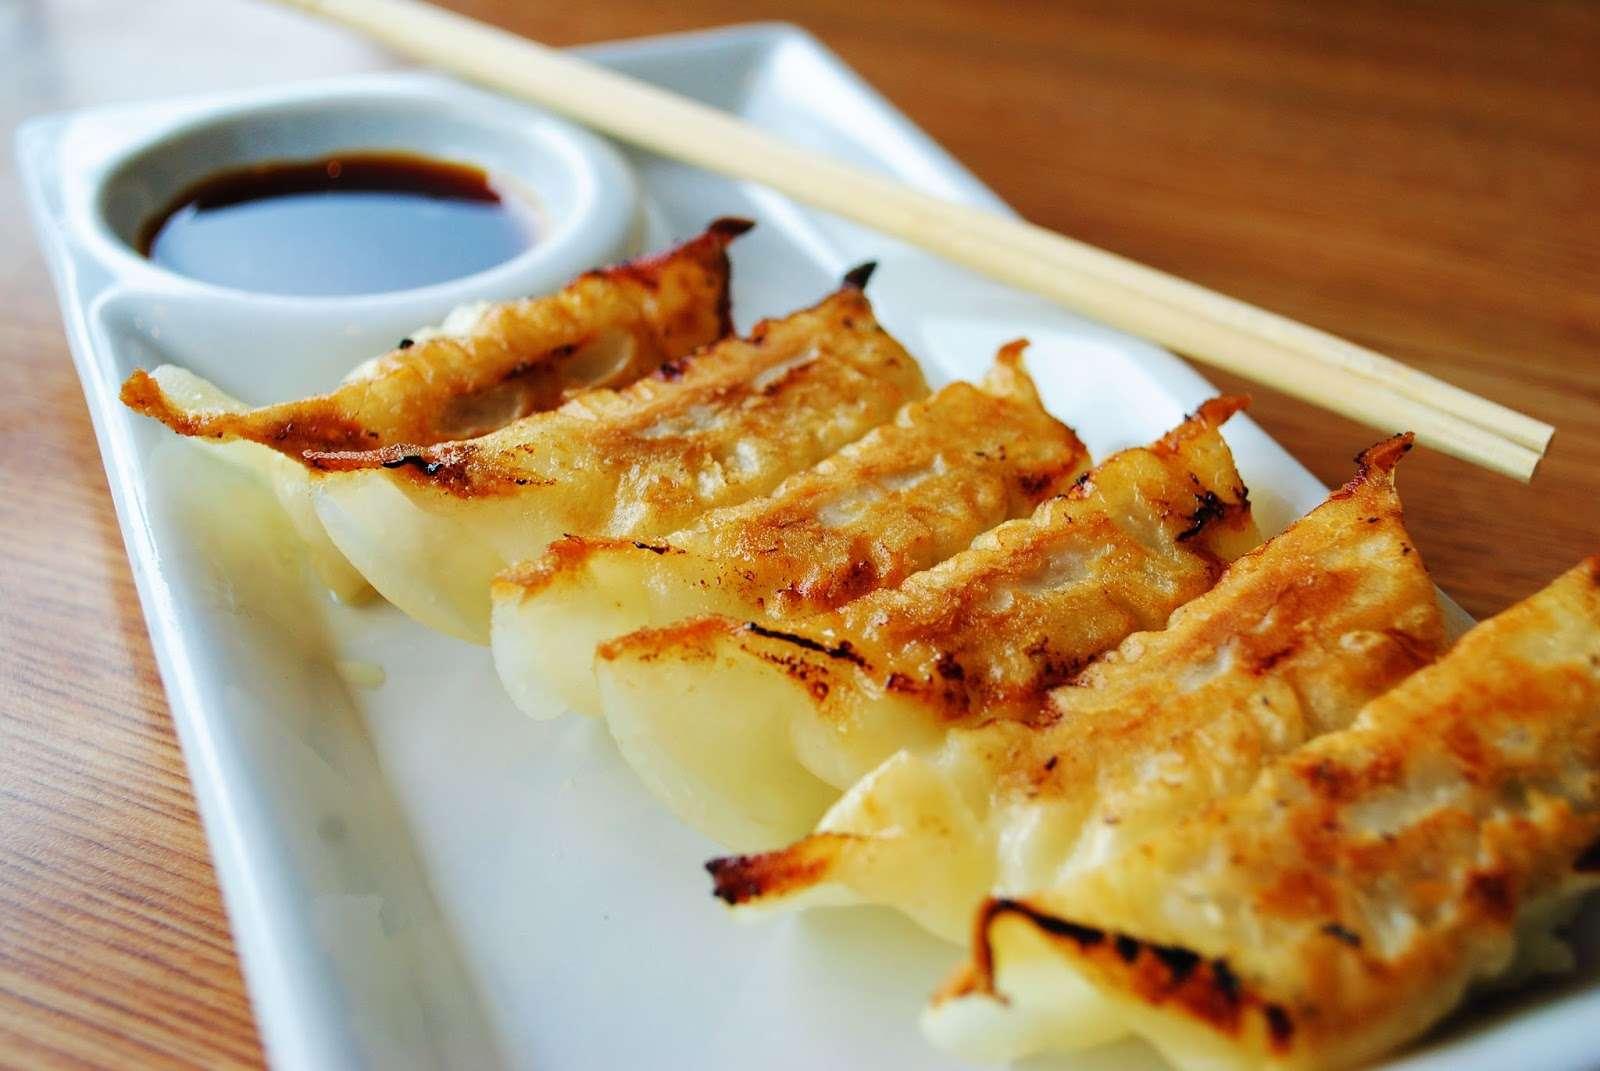 Gyoza – Món ăn nổi tiếng không thể bỏ qua khi bạn đến Nhật